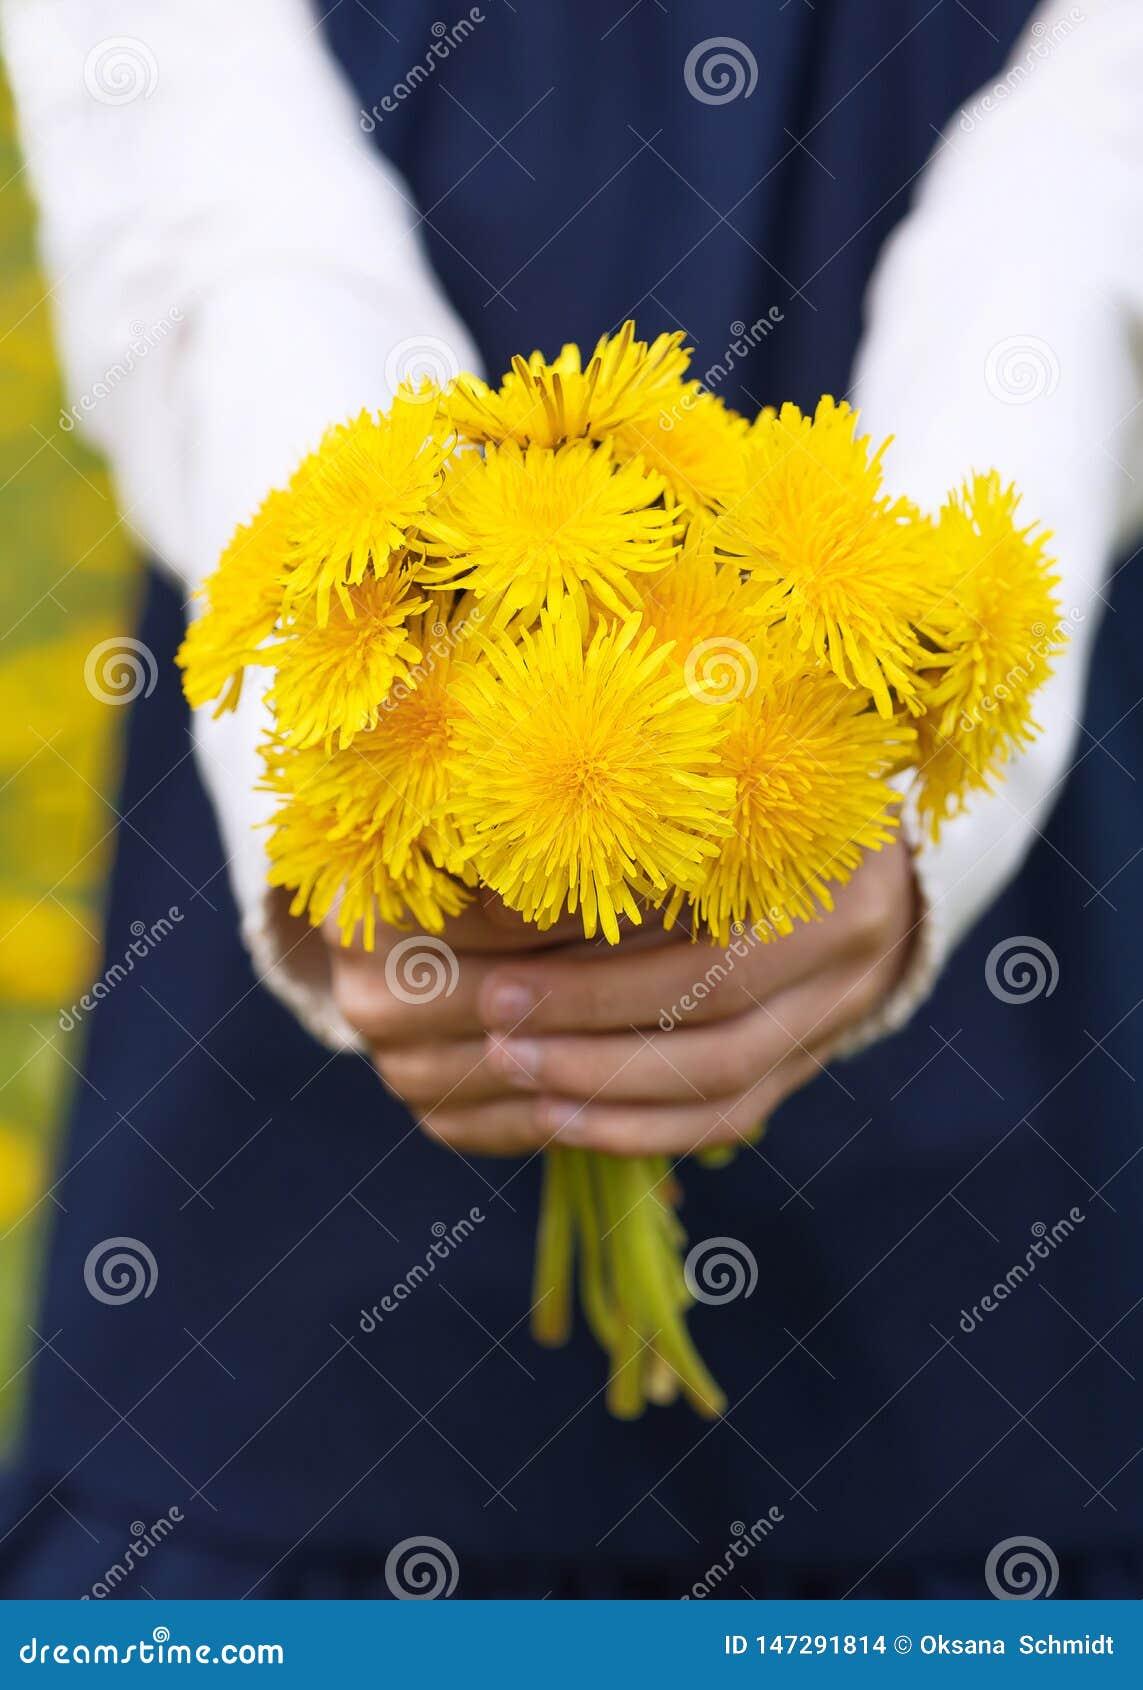 Las manos de la muchacha que sostienen un ramo de dientes de león amarillos brillantes